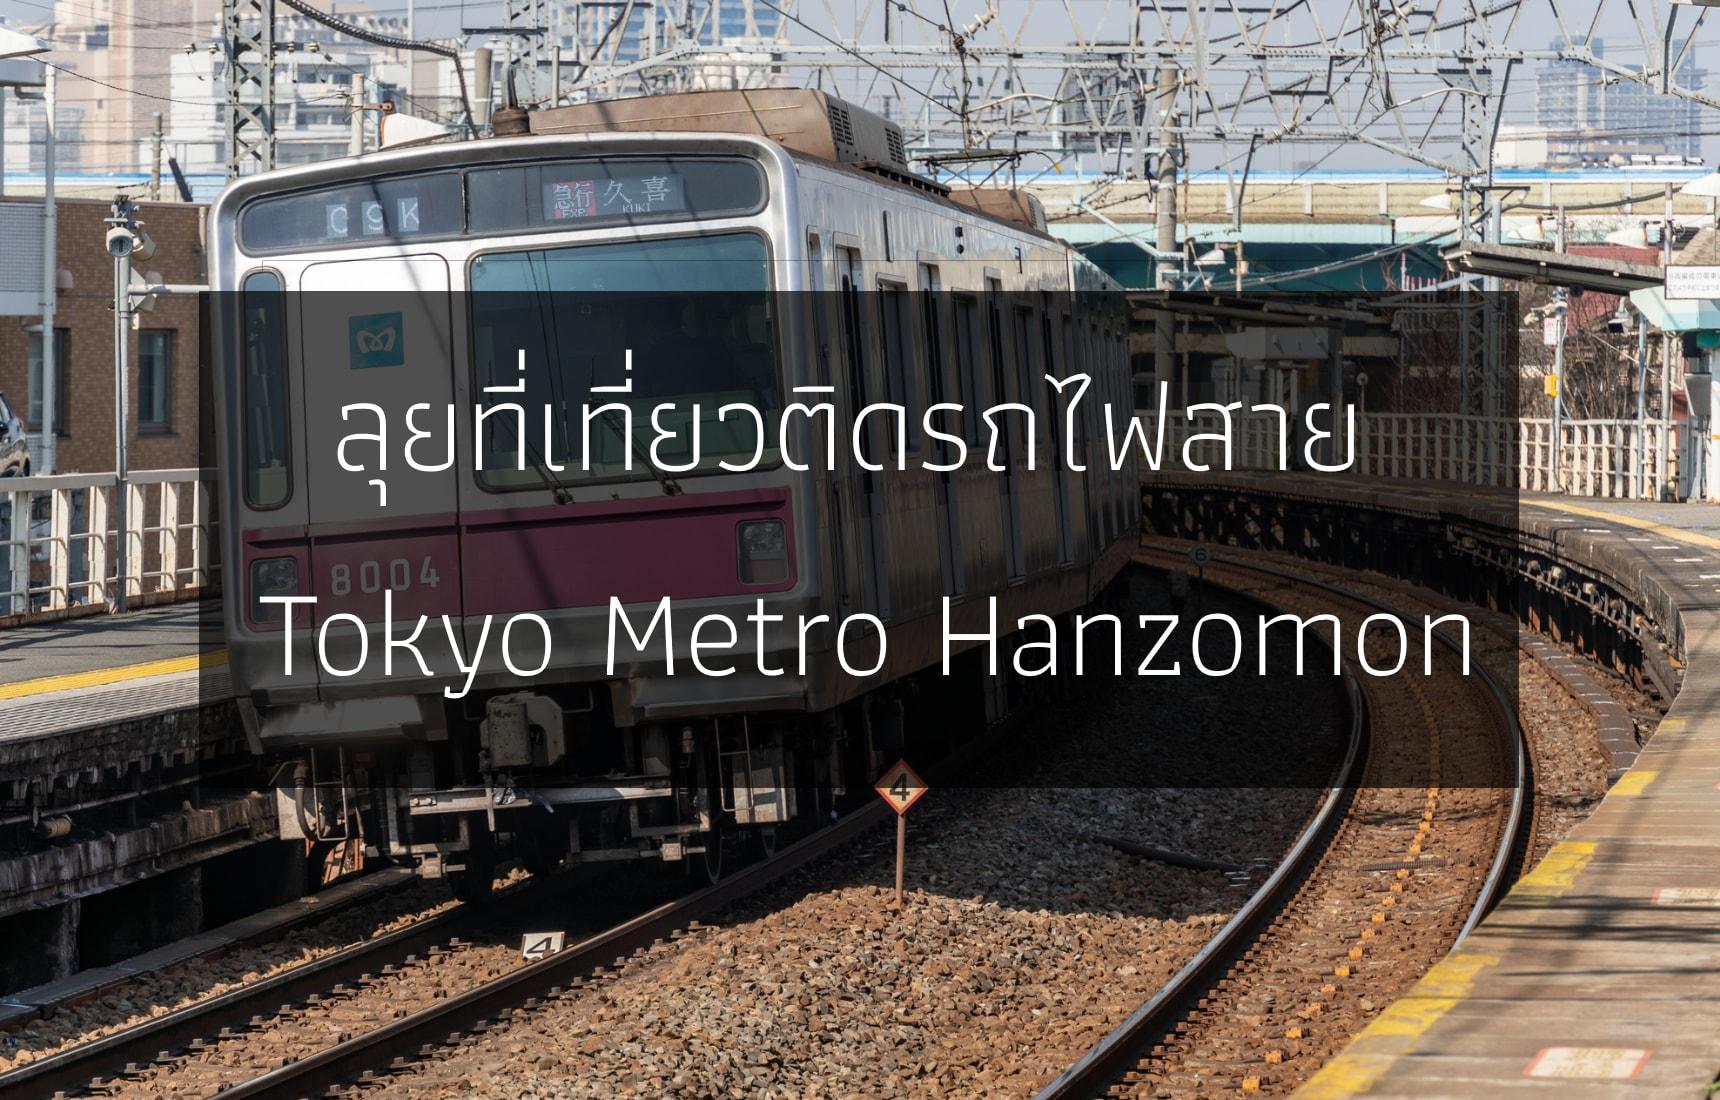 ลุยที่เที่ยวติดรถไฟสาย Tokyo Metro Hanzomon